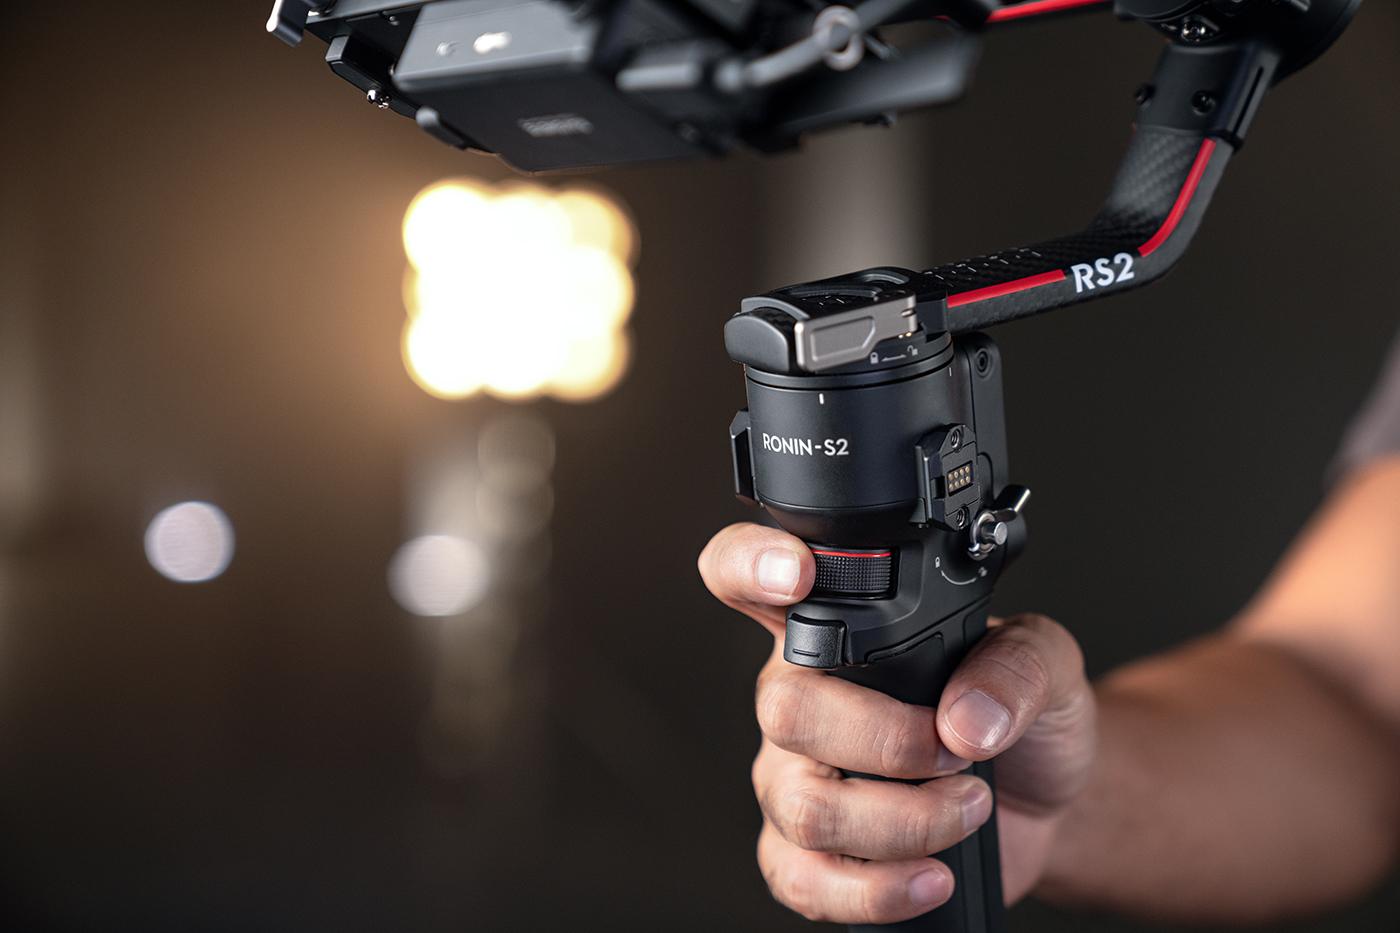 dji-rs-2-gimbal-stabilizacja-do-kamer-i-aparat%C3%B3w-08.jpg